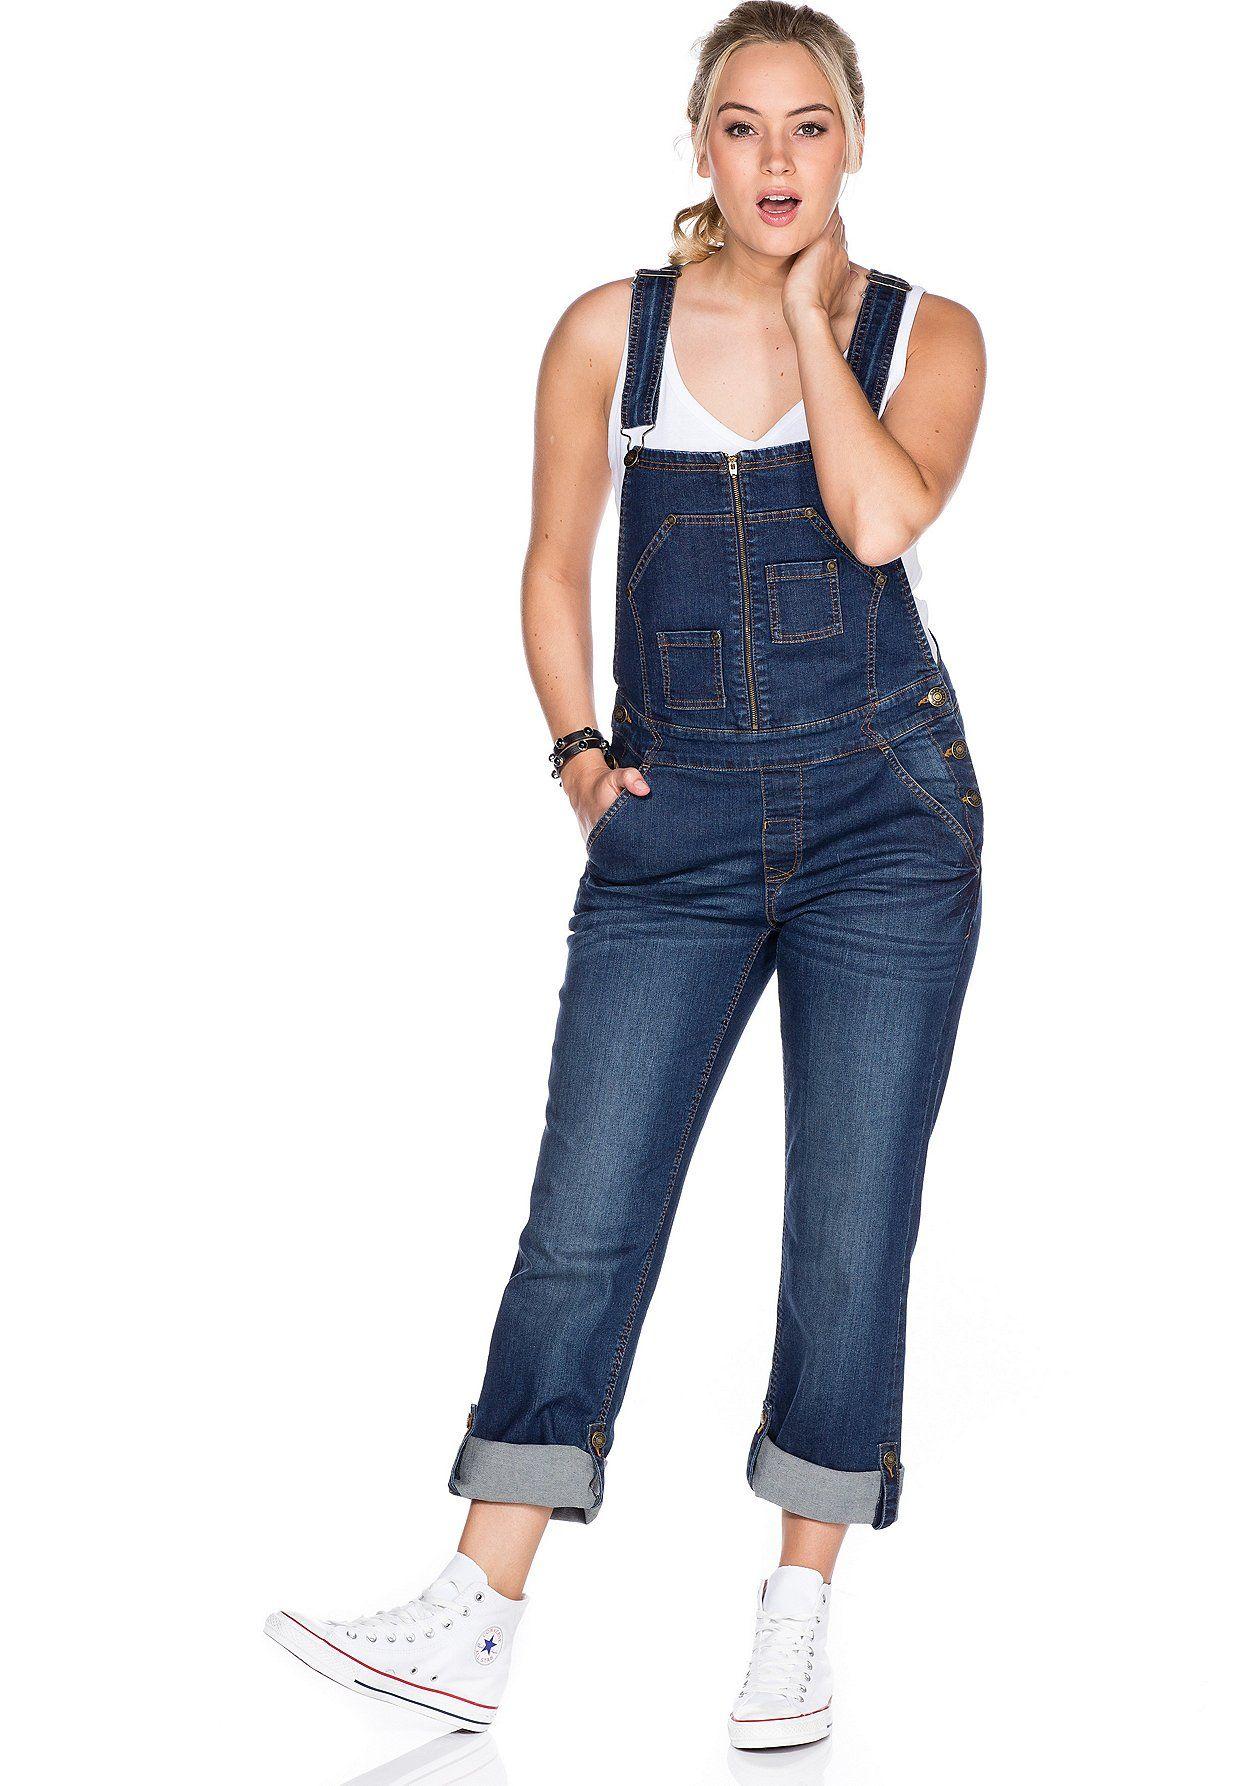 fashion #mode #plussize #curvy #curvystyles #curvyfashion